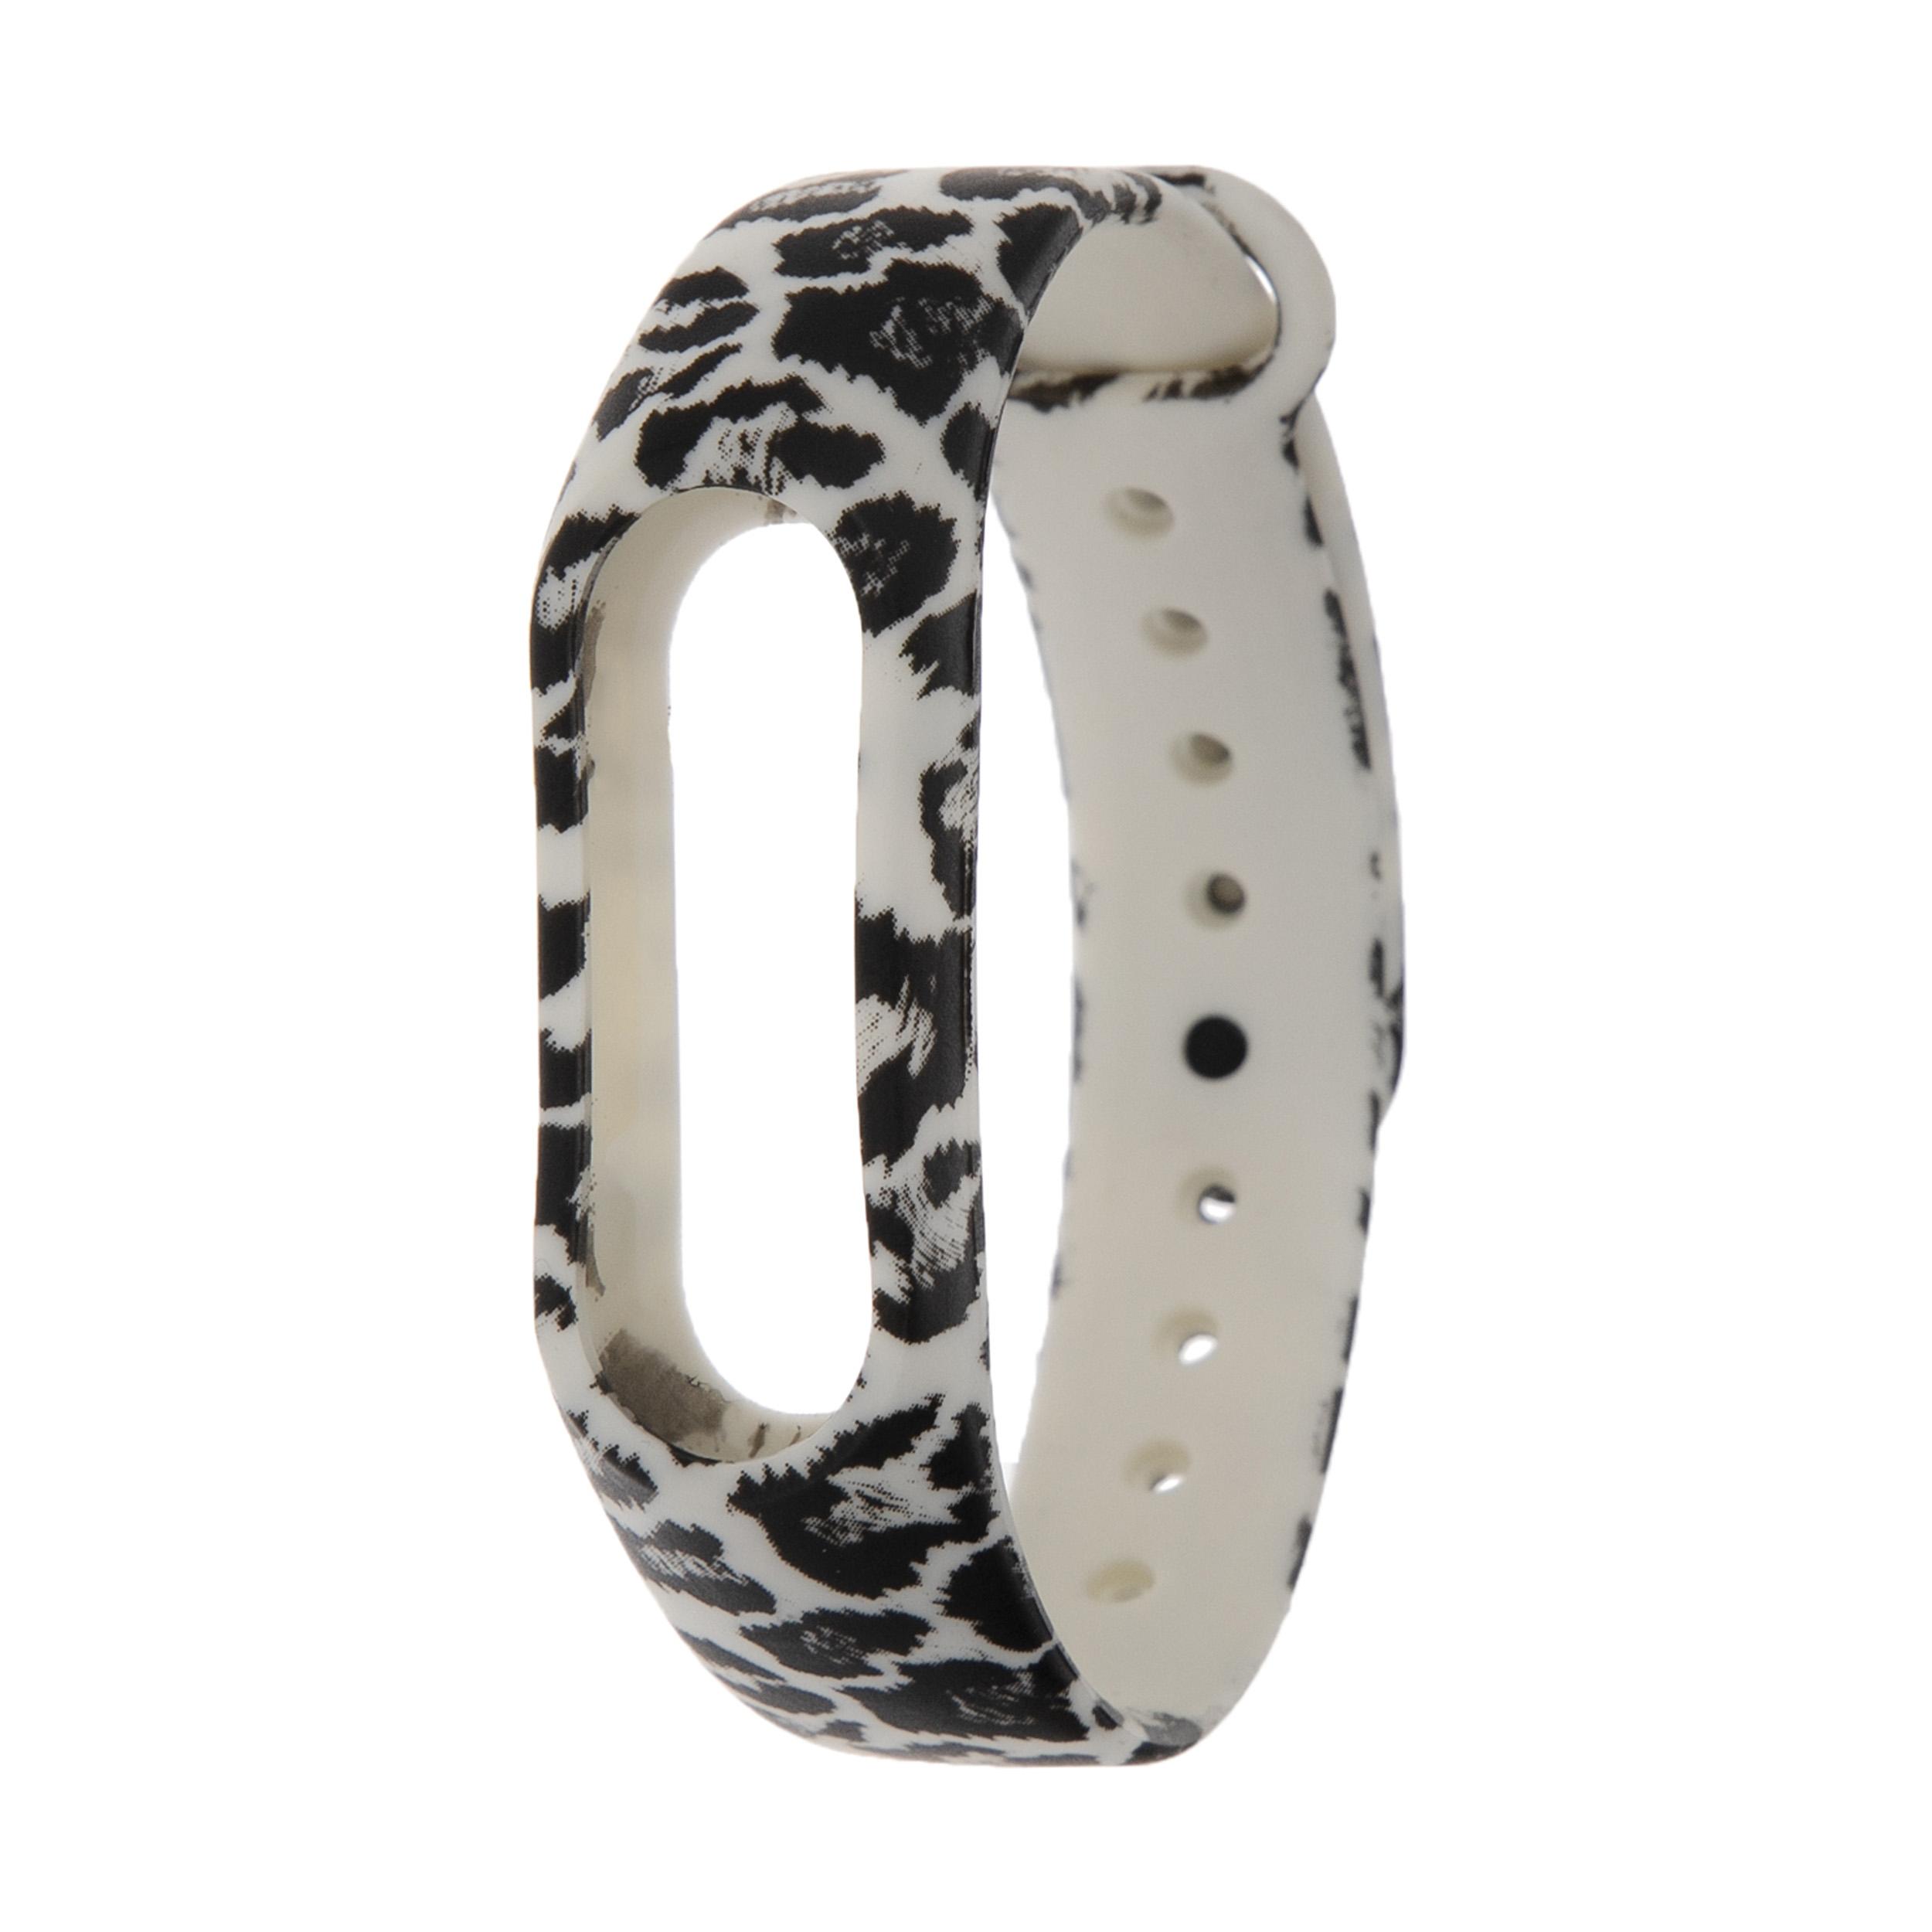 بند مچ بند هوشمند طرح Leopard کد 71 مناسب برای مچ بند هوشمند MI Band